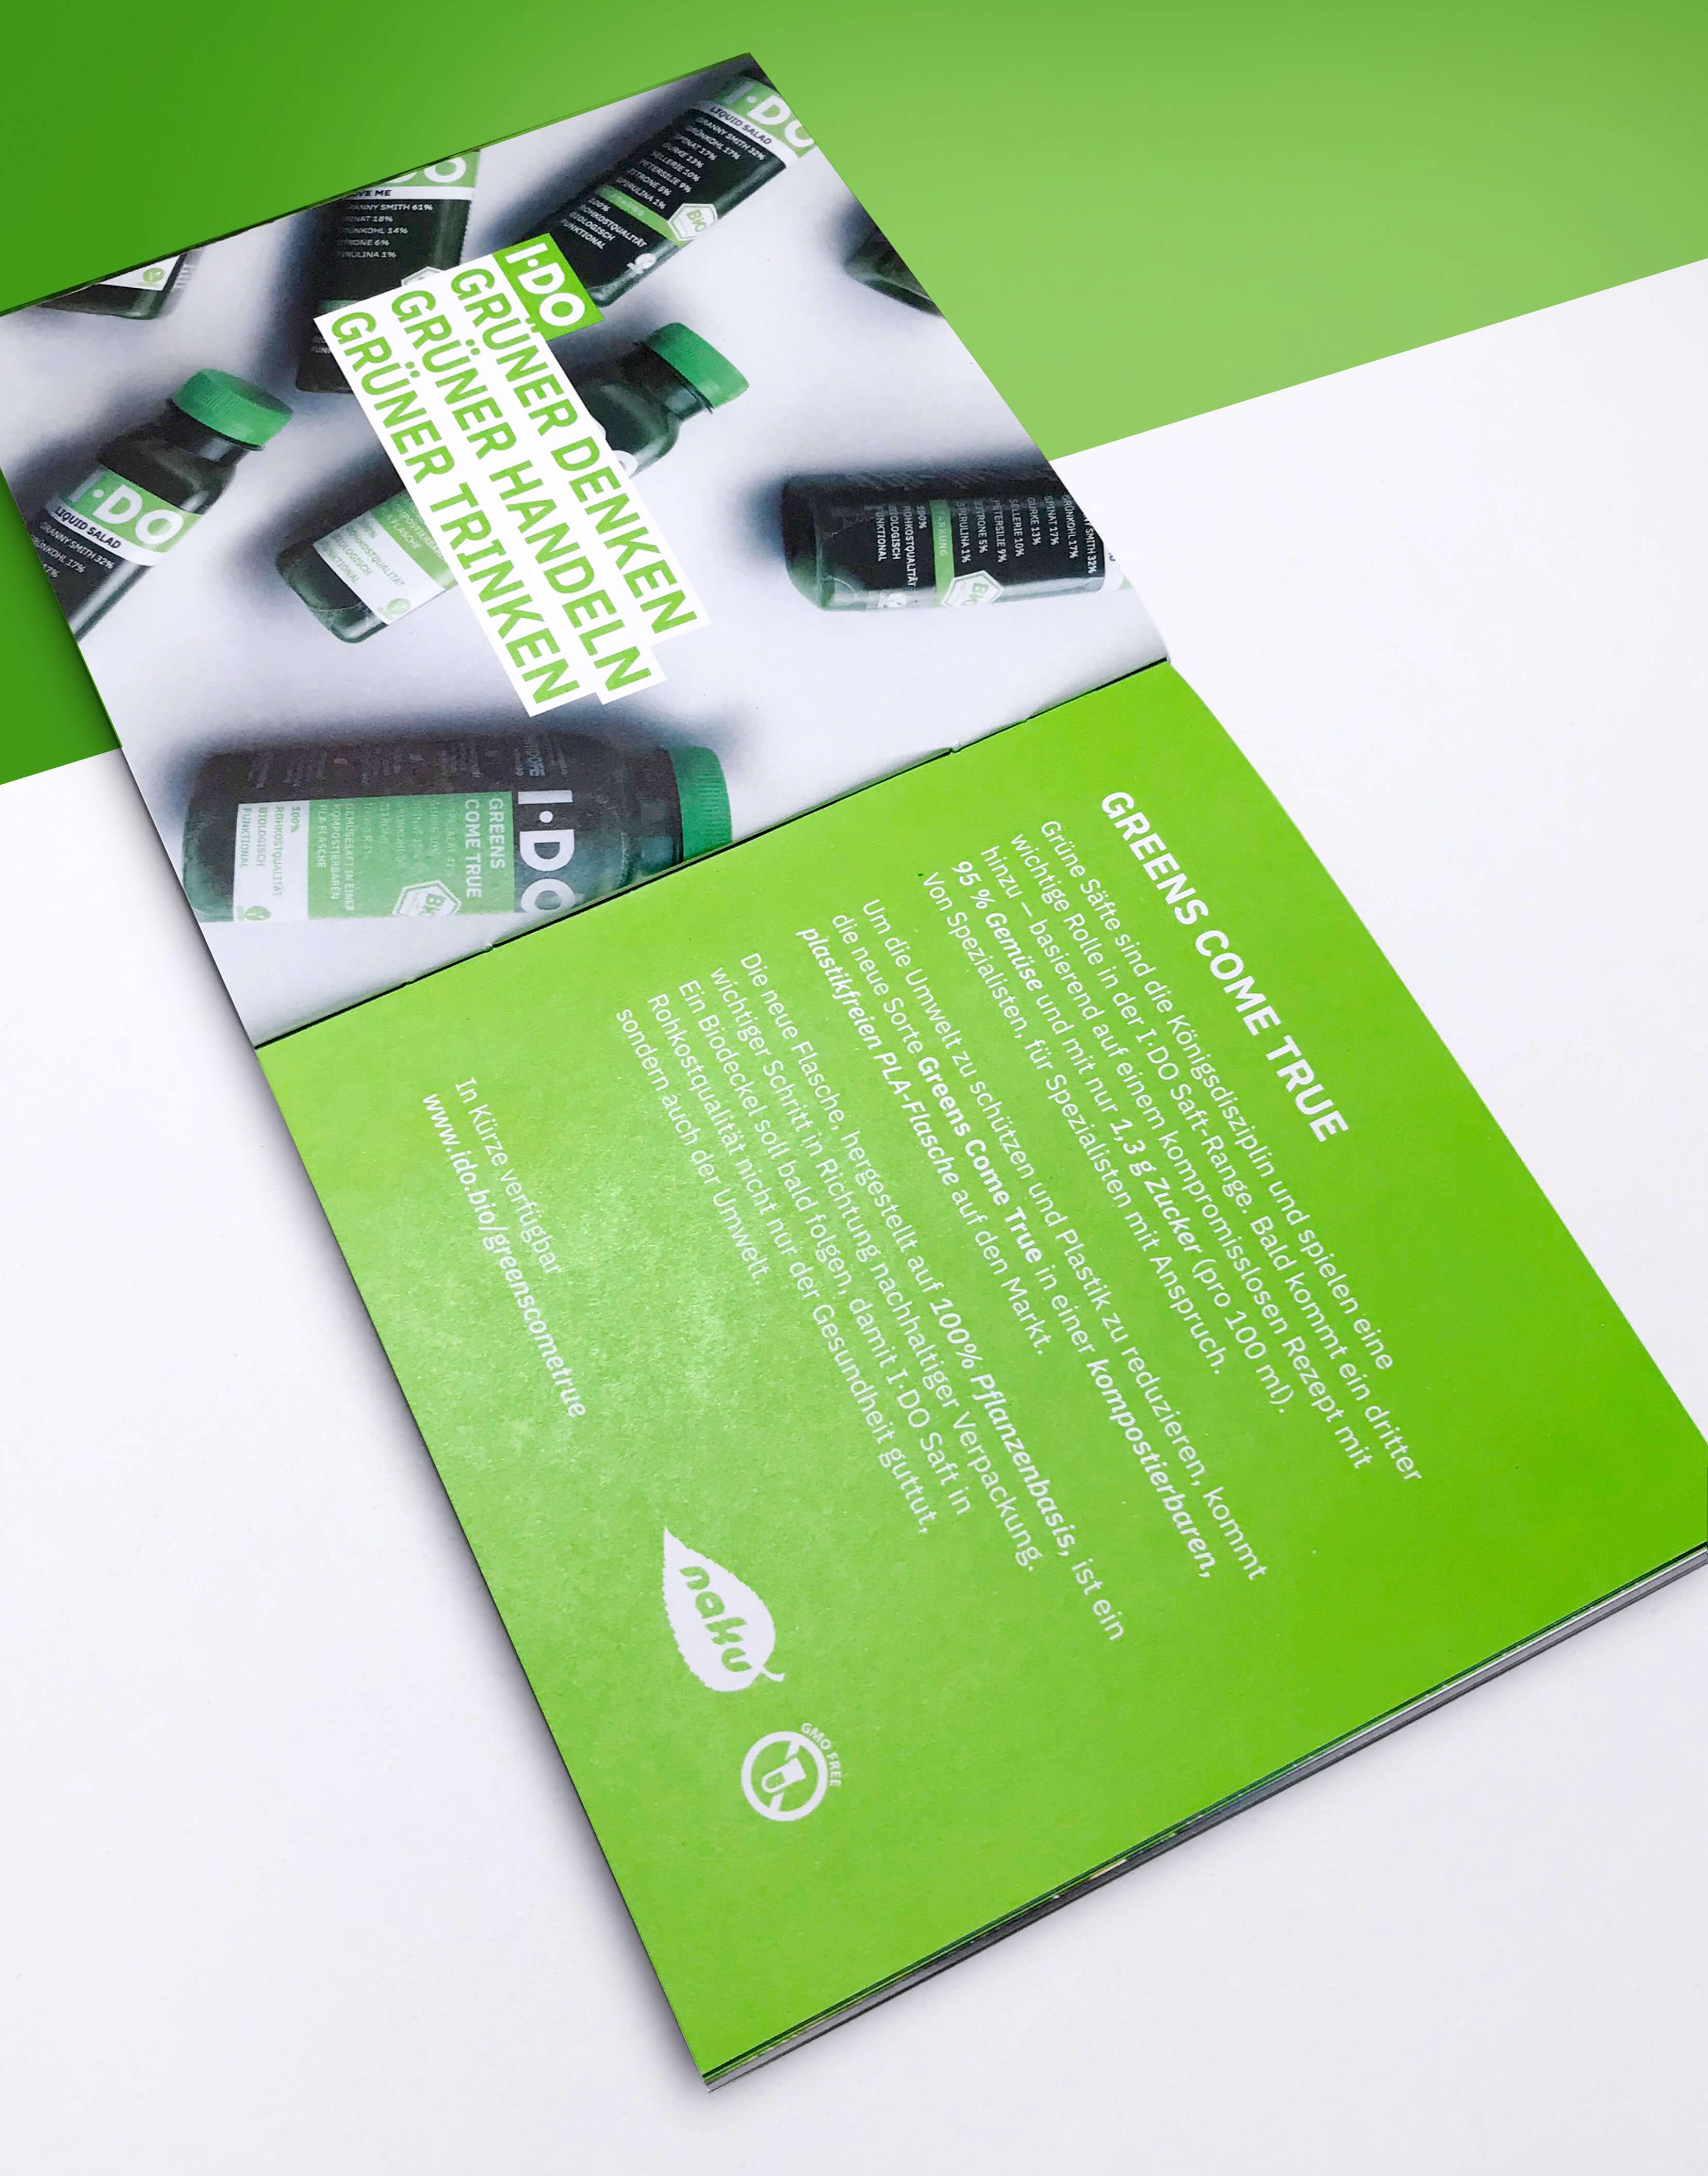 Gestaltung von mehrere Marketing und Werbemittel, Booklets, Flyers, Corporate Design, Rebranding, Editorial Design, Druckdatenerstellung waren meine Leistungen